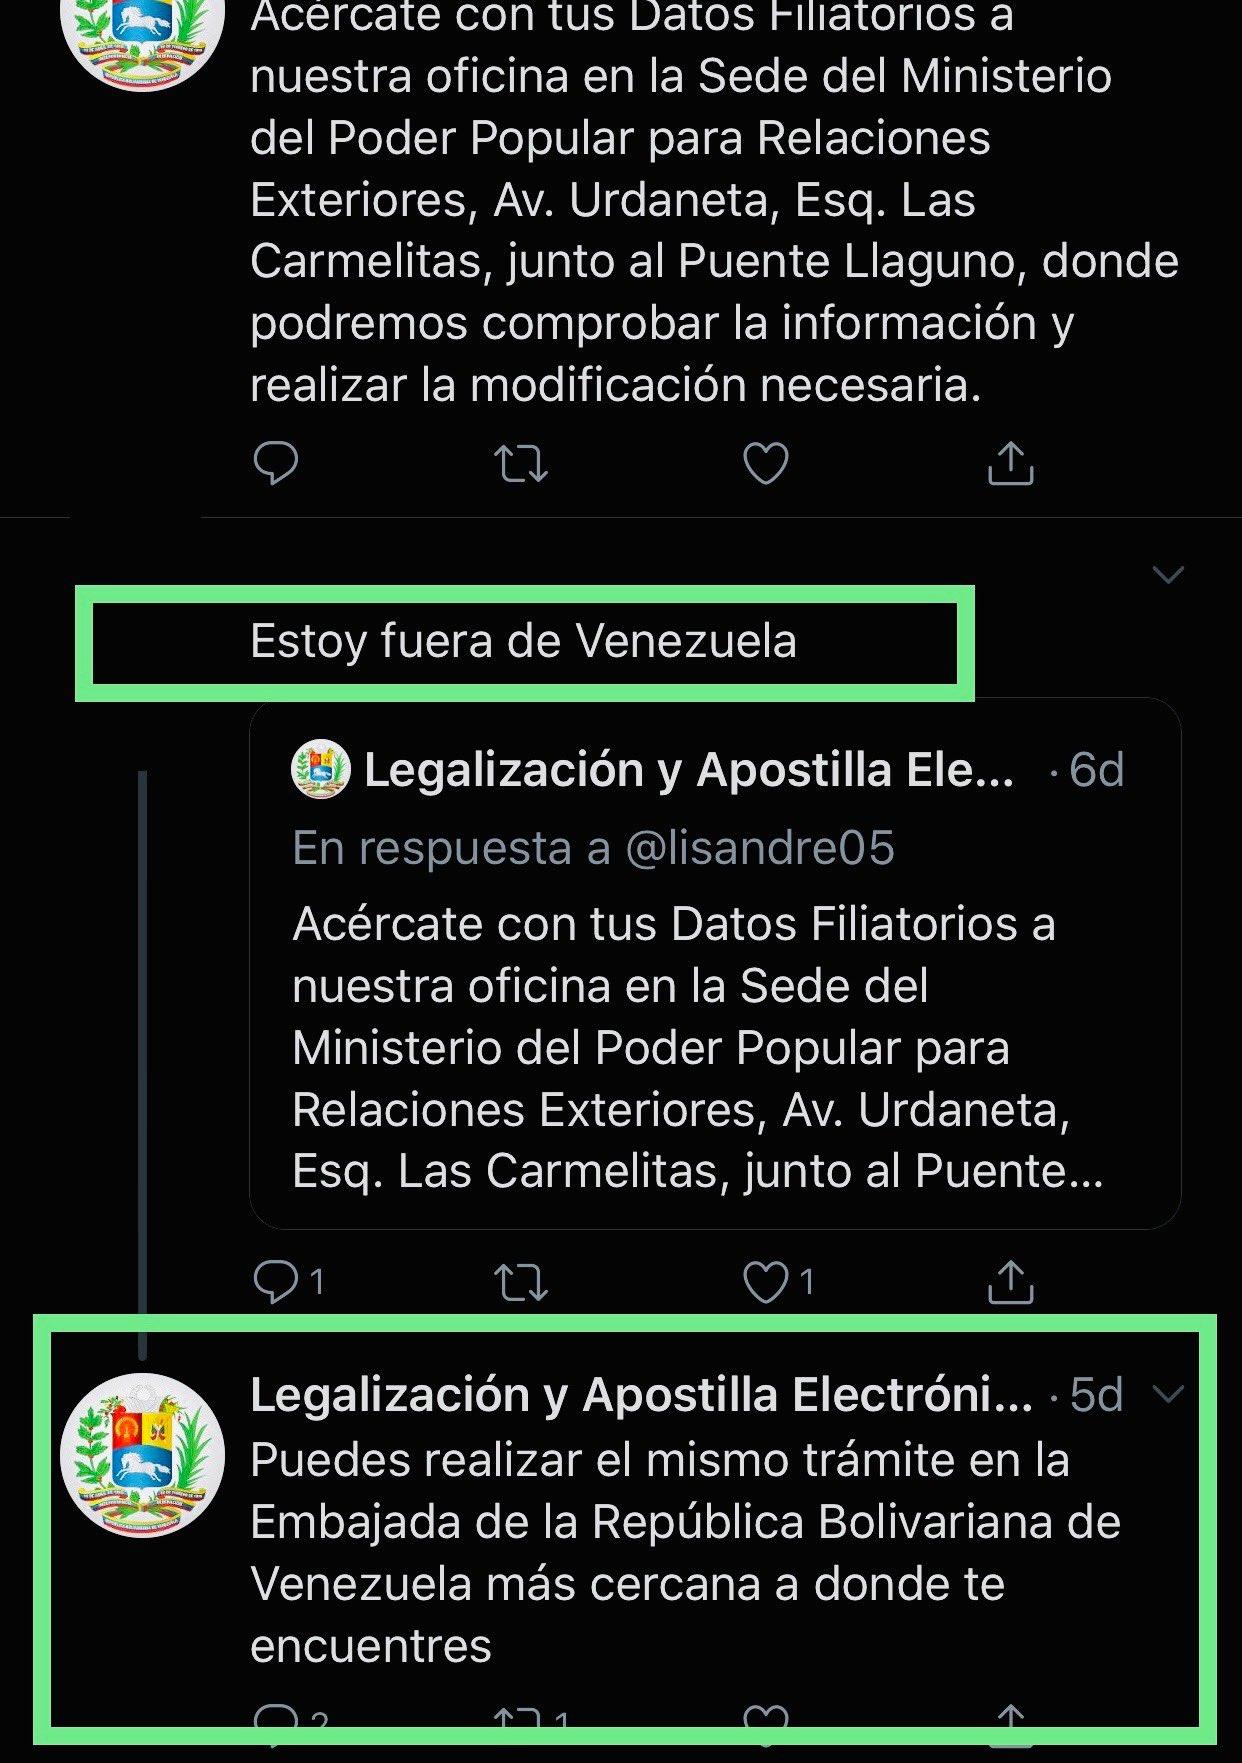 Mccoam Sur Twitter Reseteo De Usuario Apostilla Para Los Que Están Fuera De Venezuela